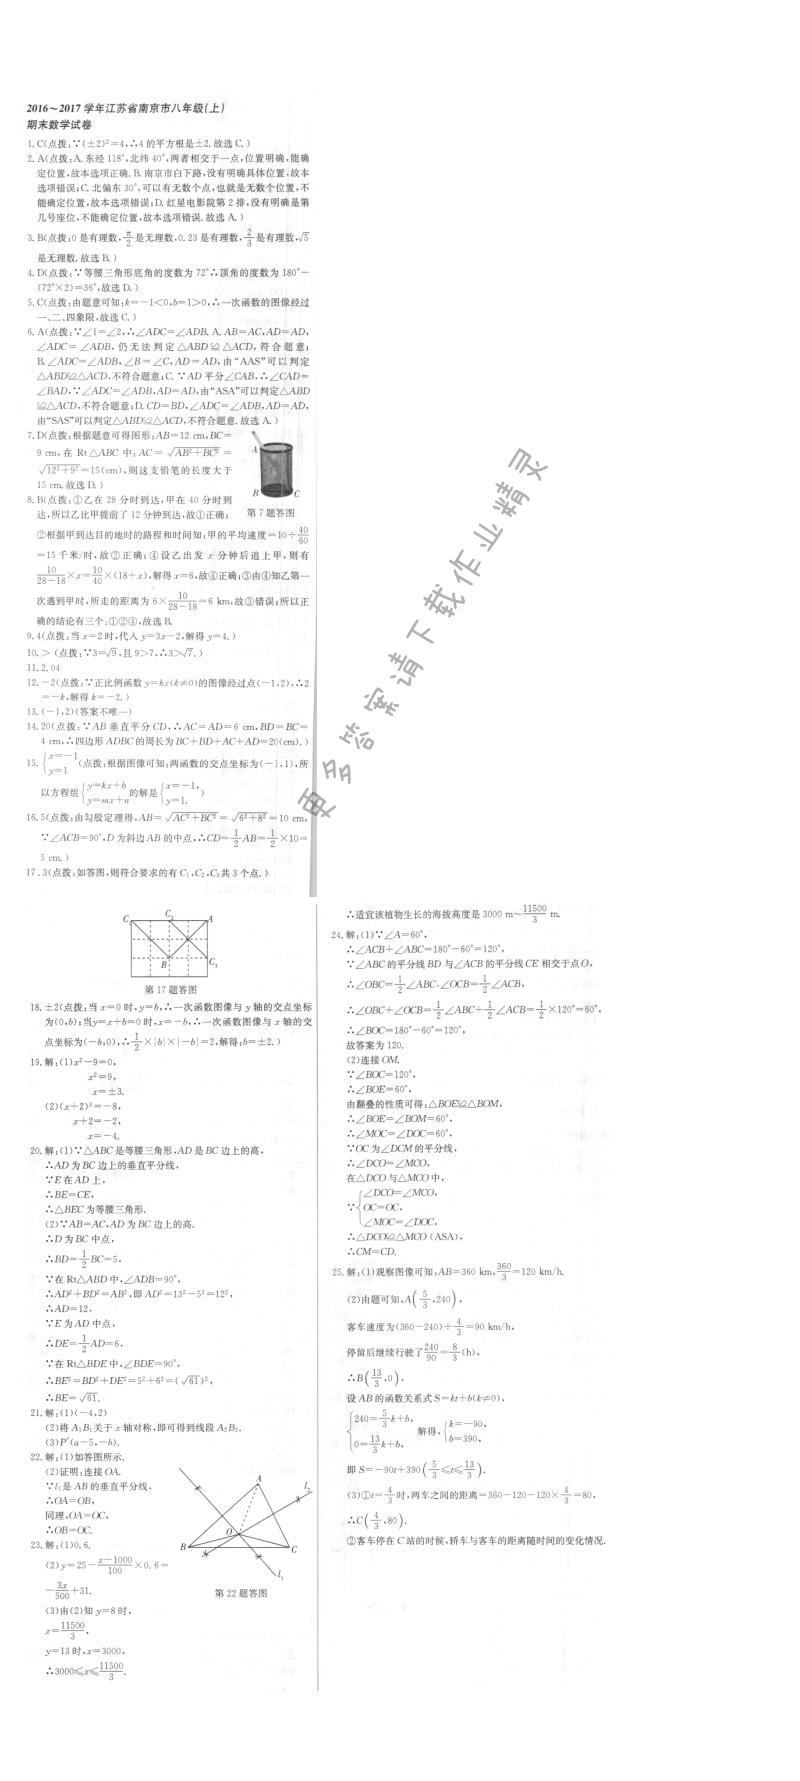 2016~2017学年江苏省南京市八年级(上)期末数学试卷